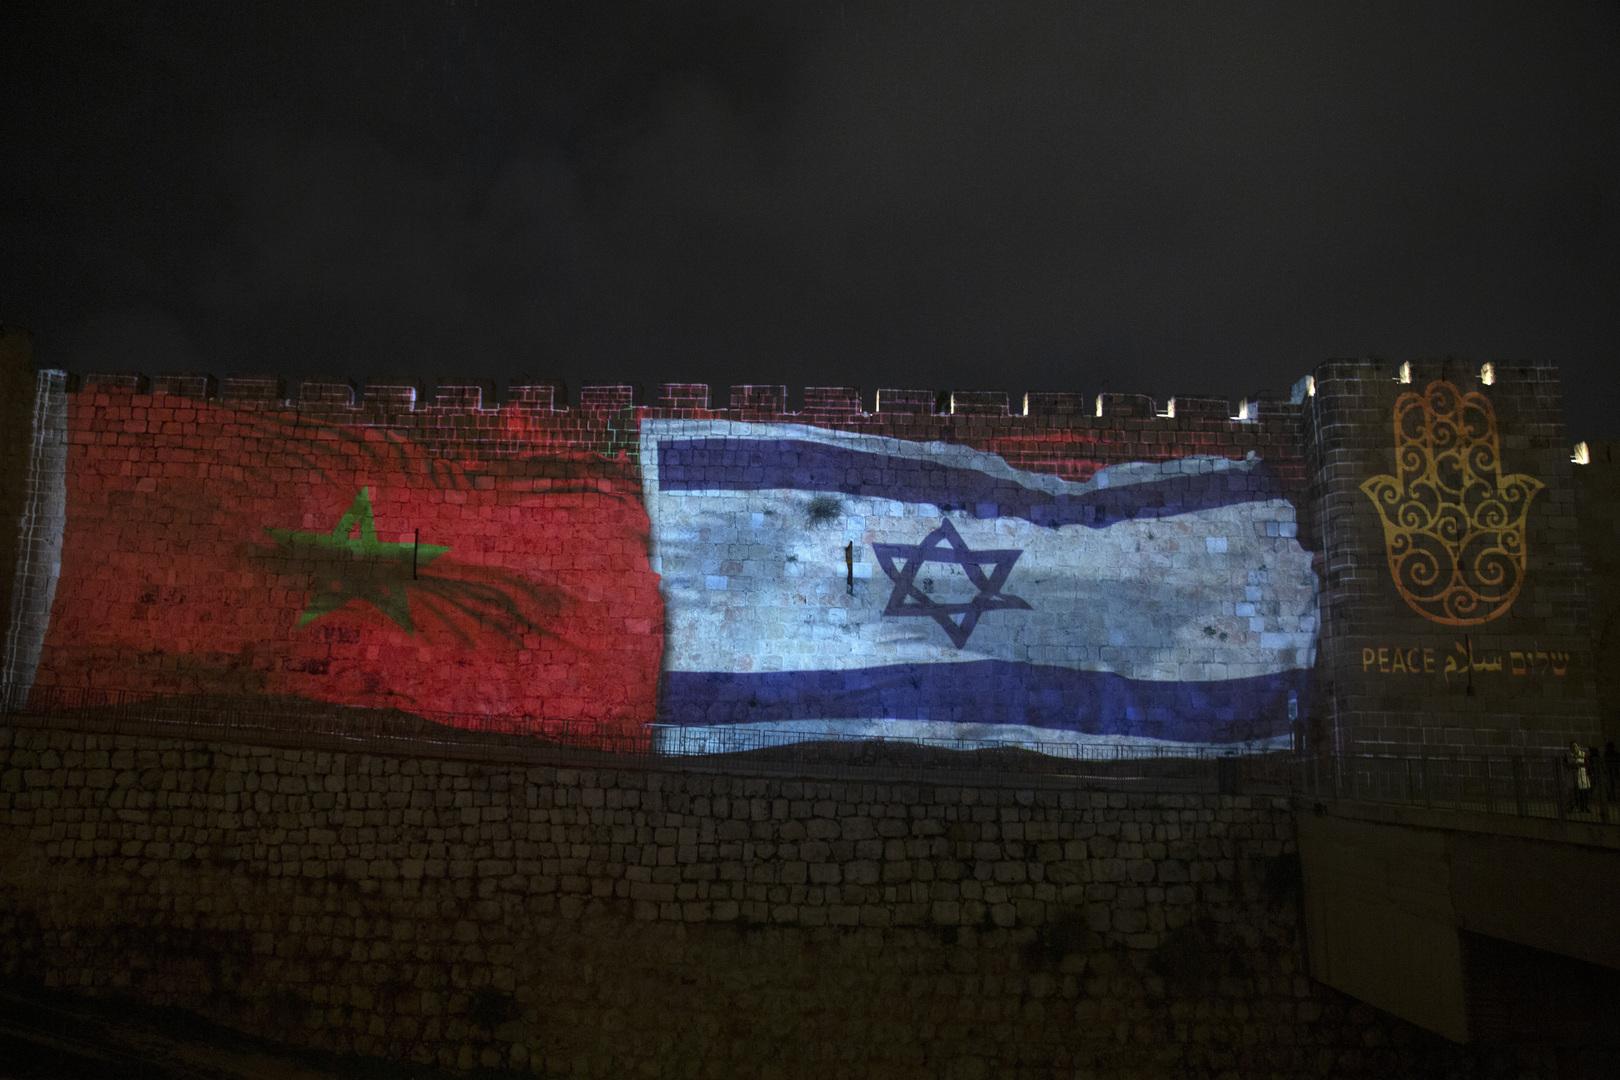 تقرير: المغرب يتفاوض مع إسرائيل على إنشاء شبكة لطائرات مسيرة انتحارية